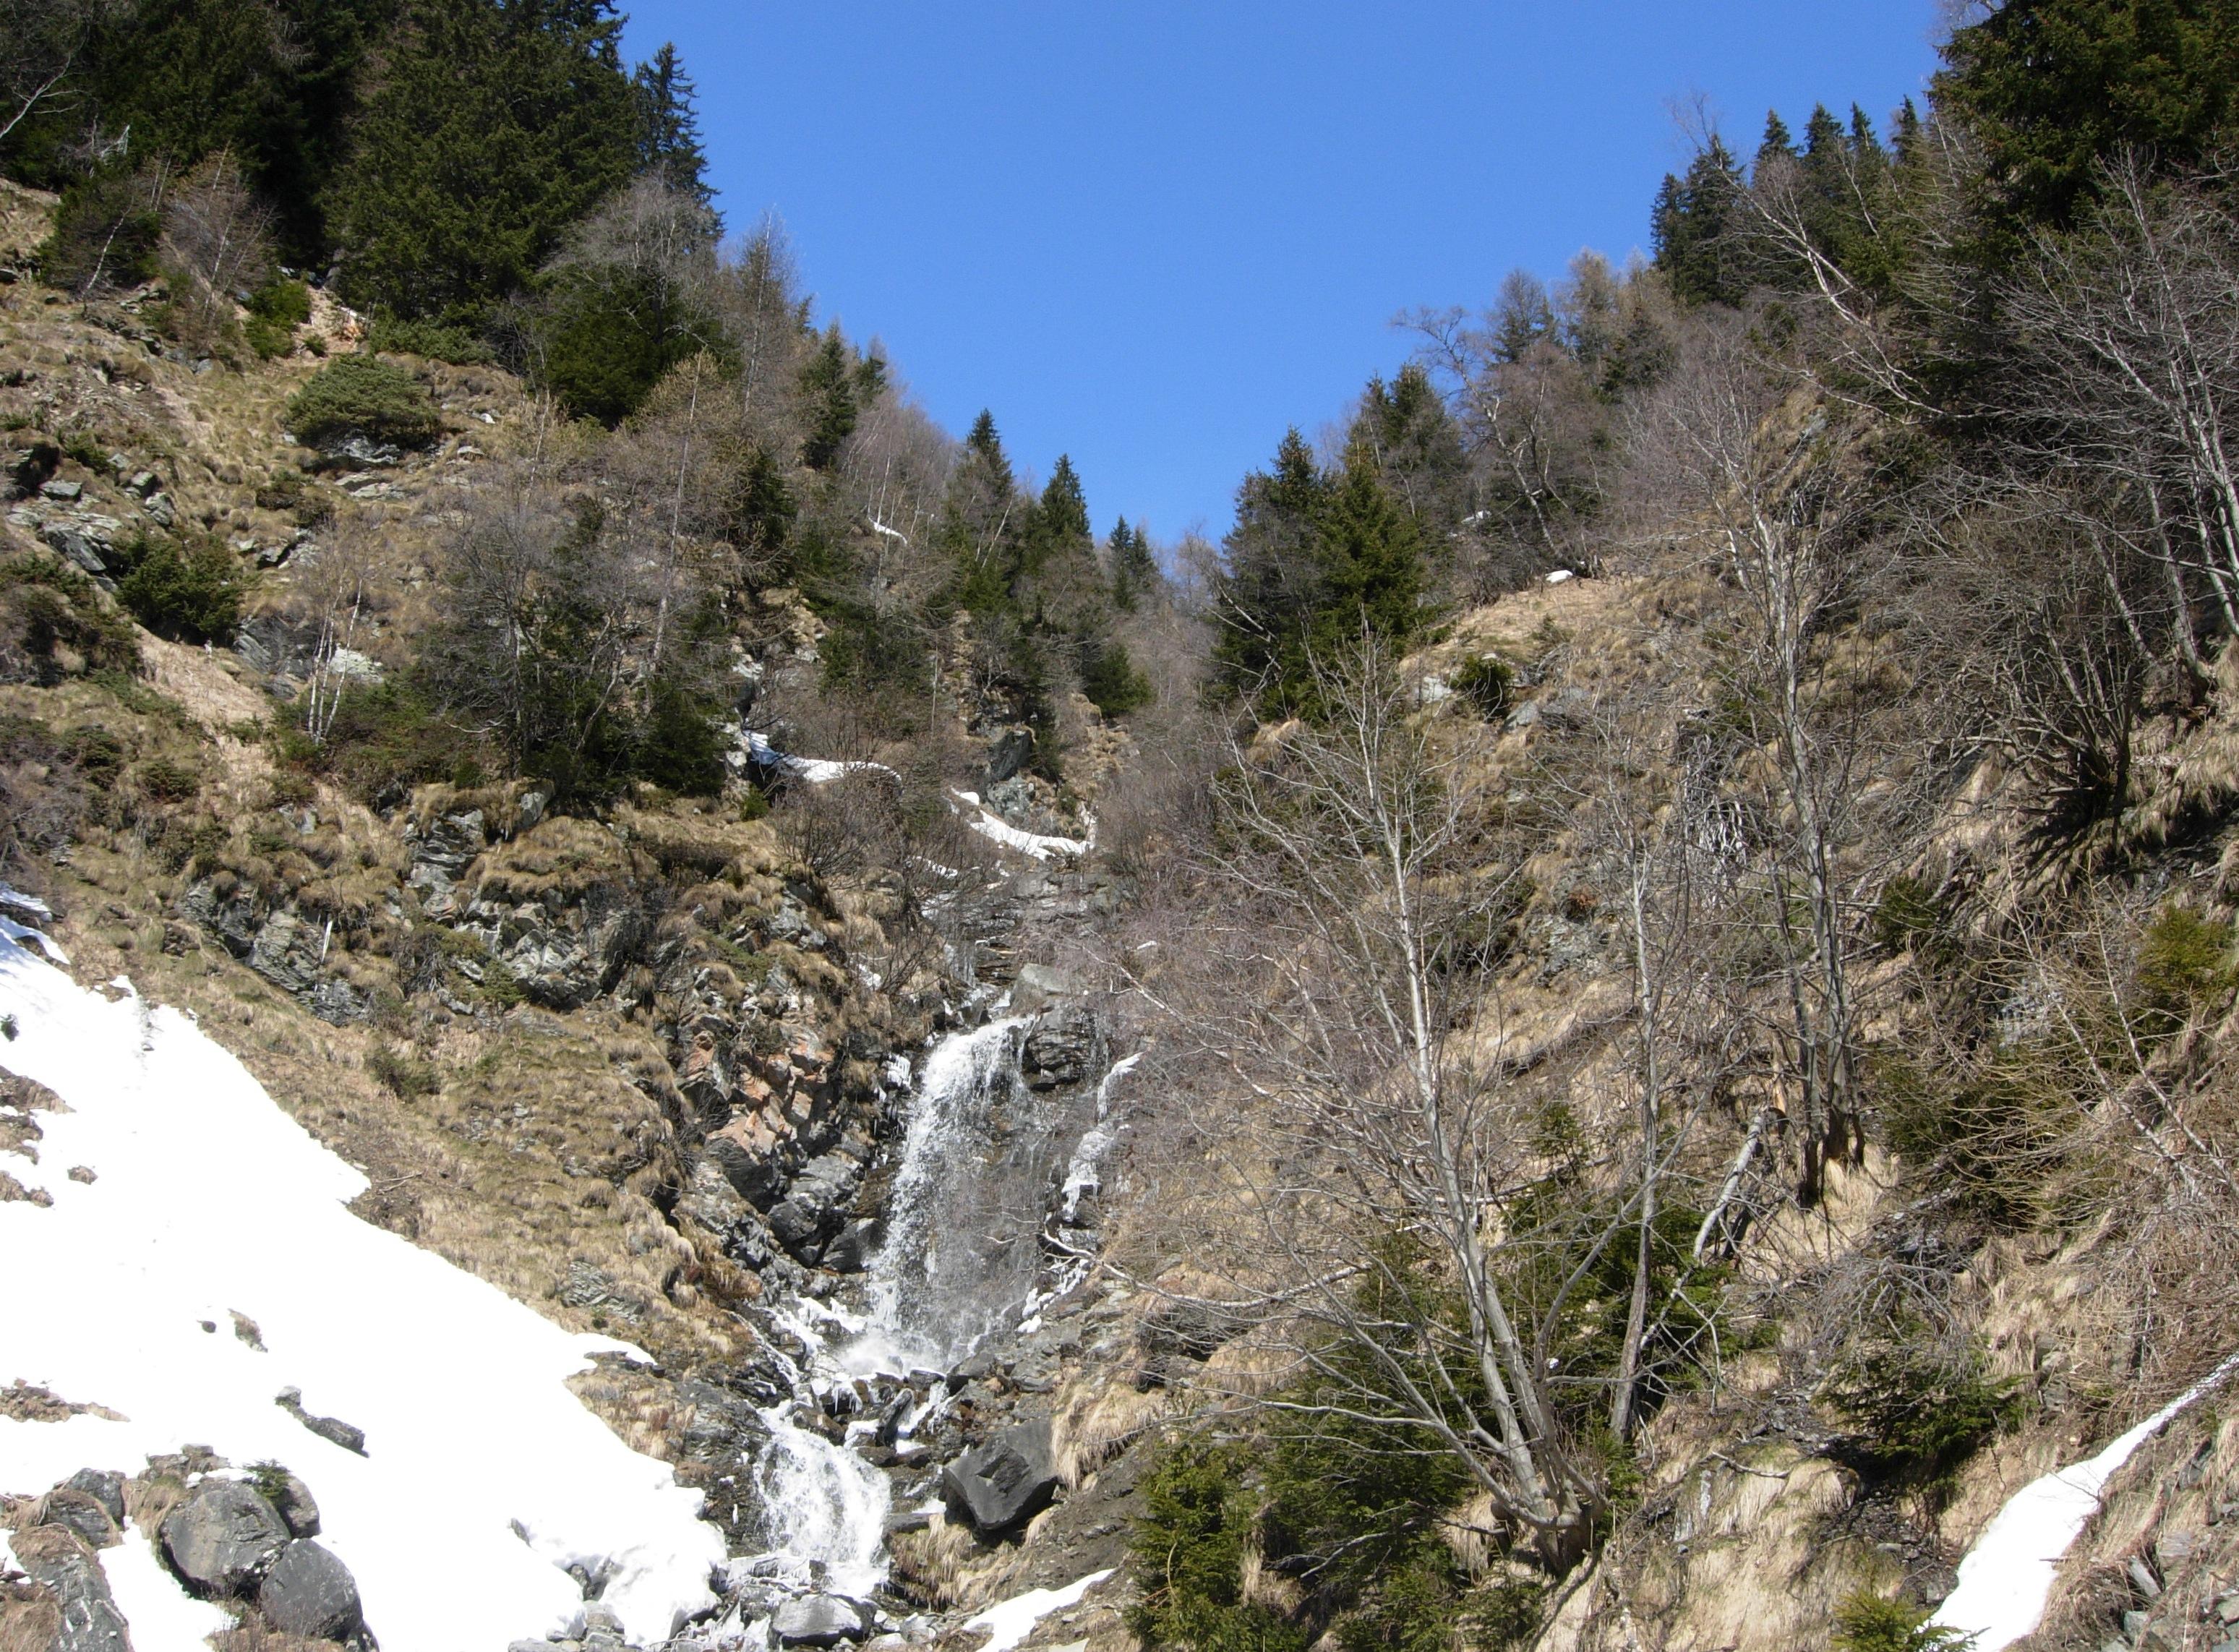 La prima fessura trovata accanto alla piccola cascata